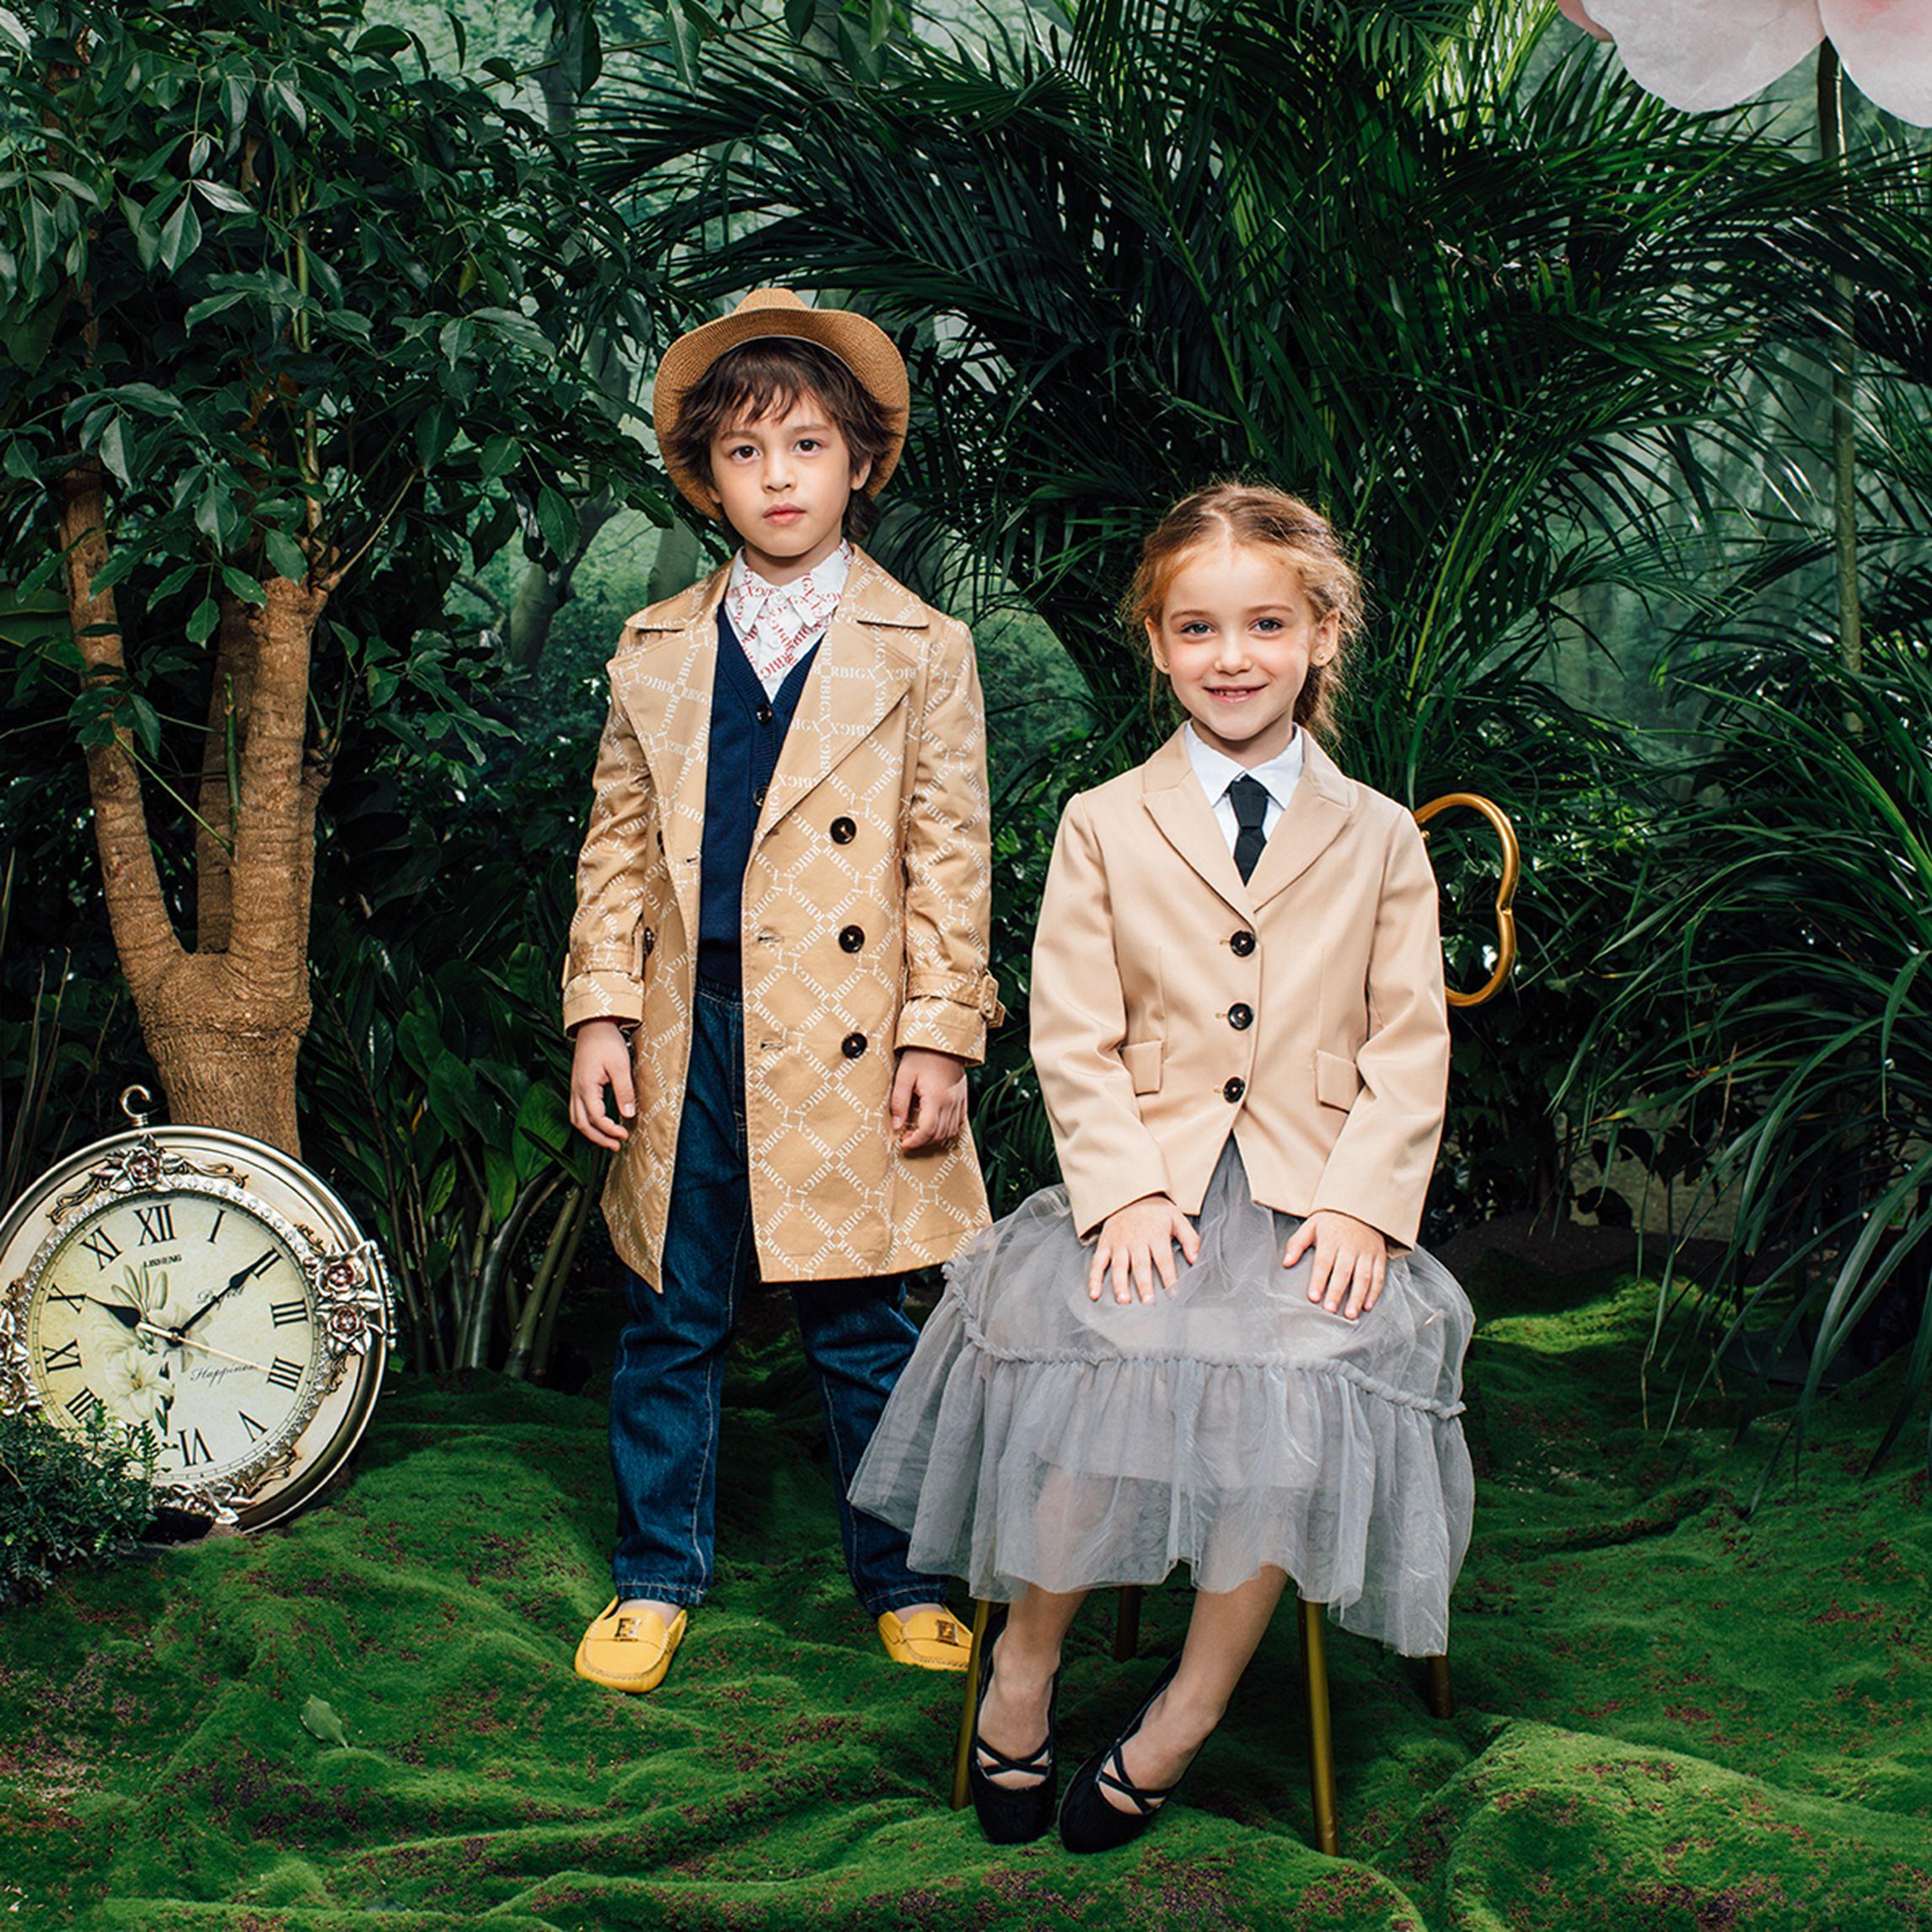 童装加盟有什么好的品牌推荐?RBIGX瑞比克童装加盟值得选择